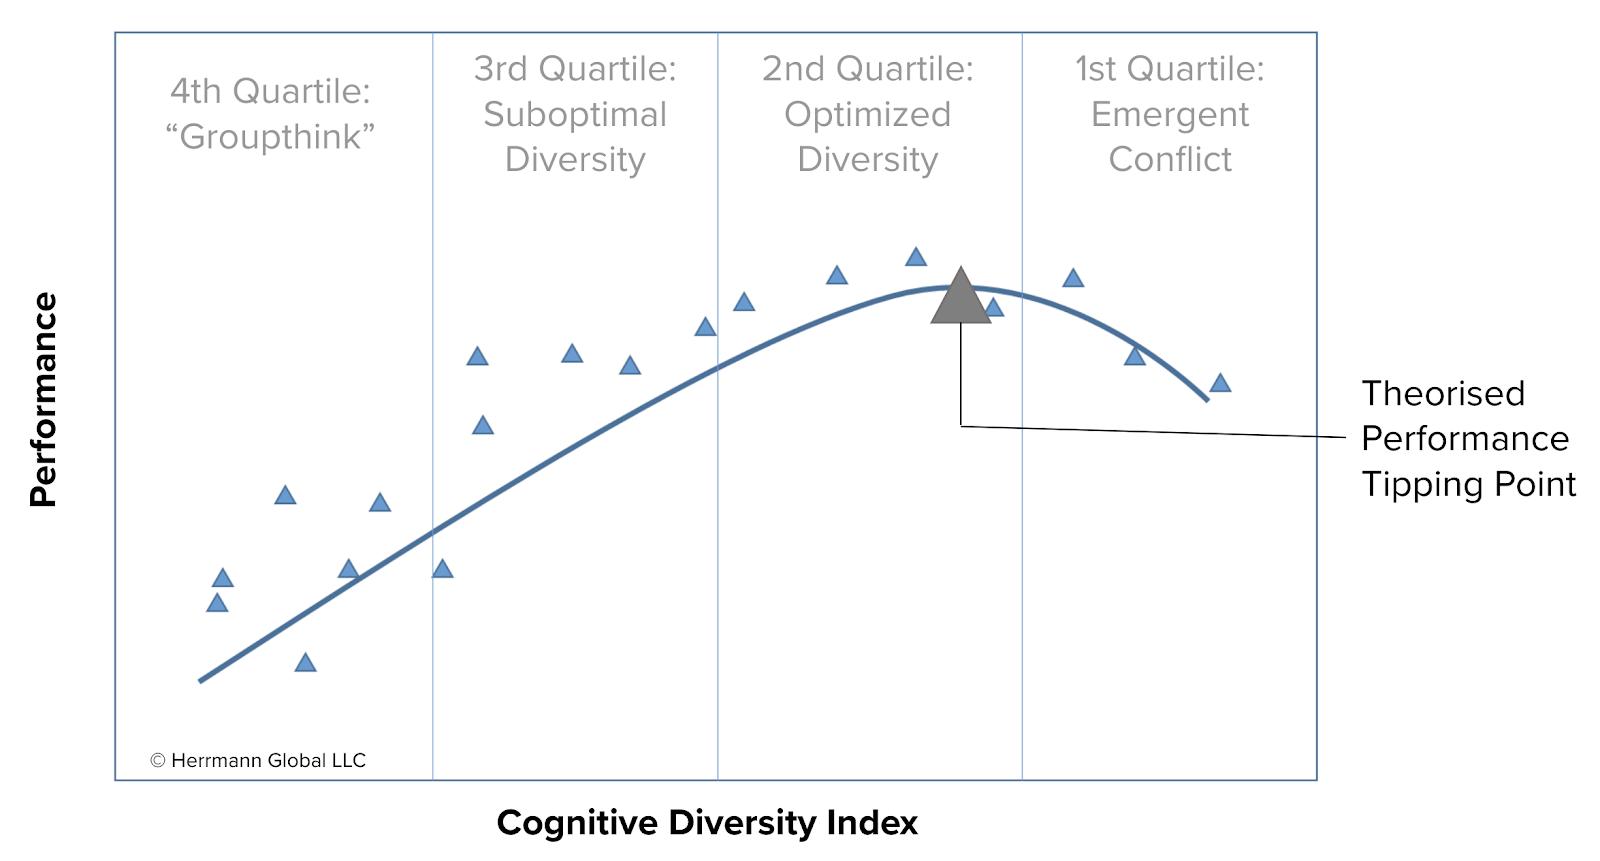 Cognitive Diversity Curve